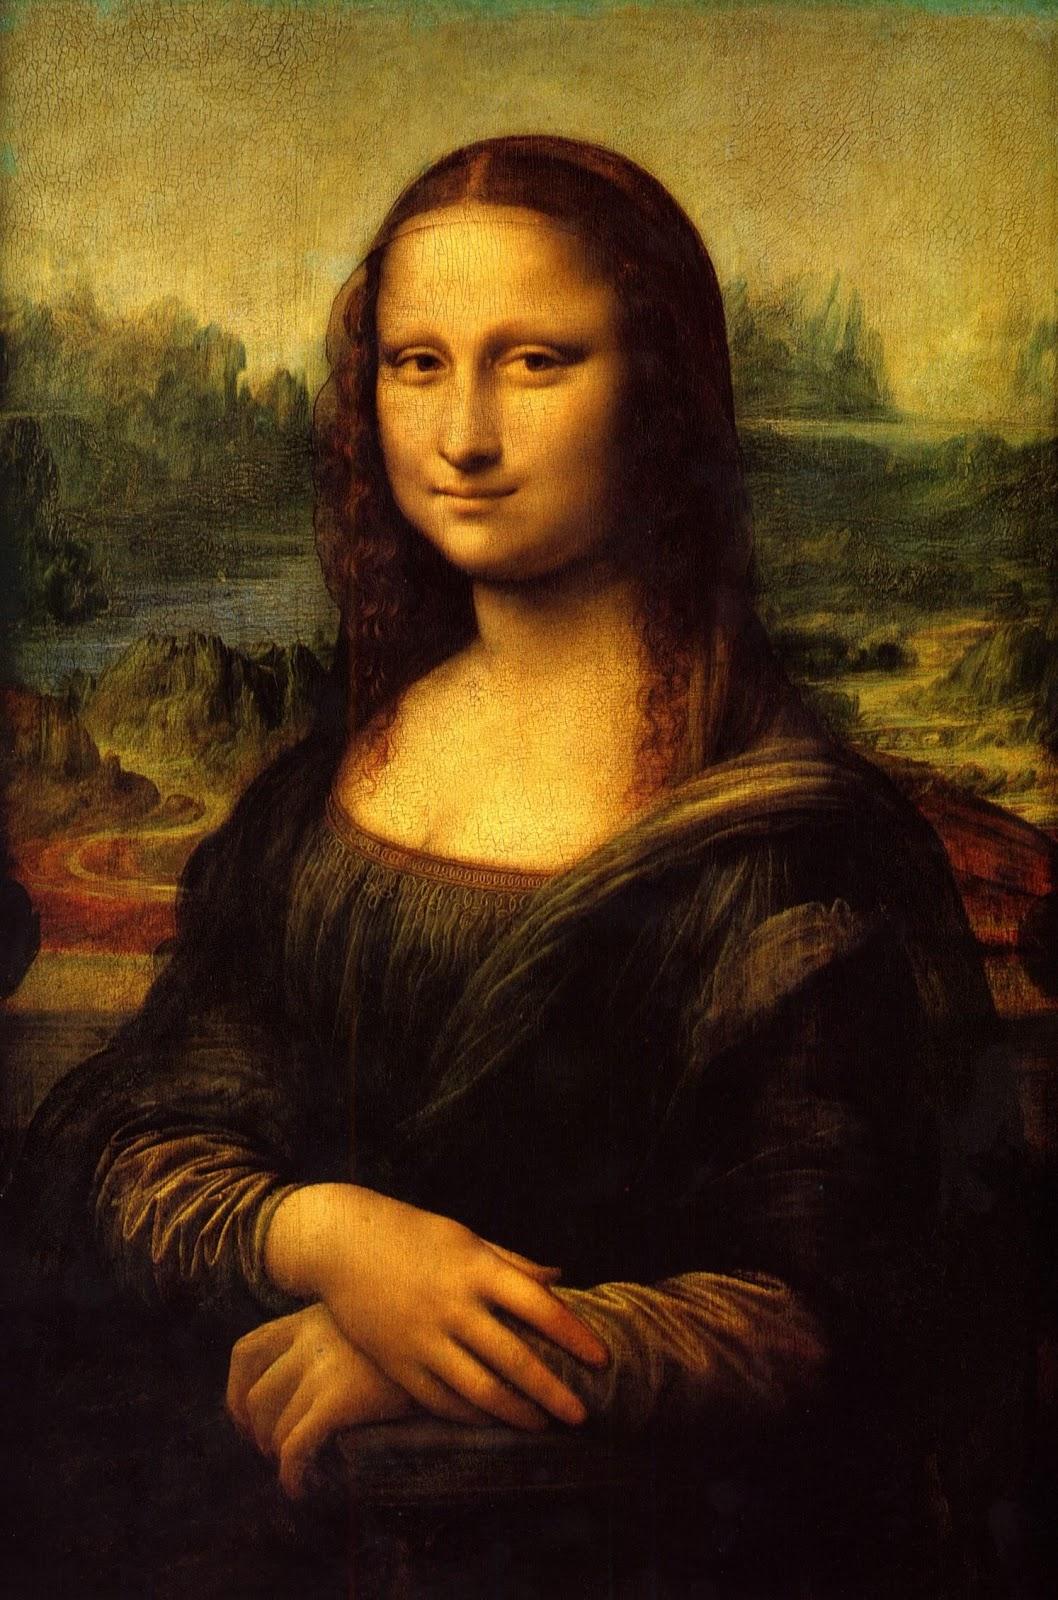 Artes Visuales JCR: La Mona lisa, Leonardo da Vinci